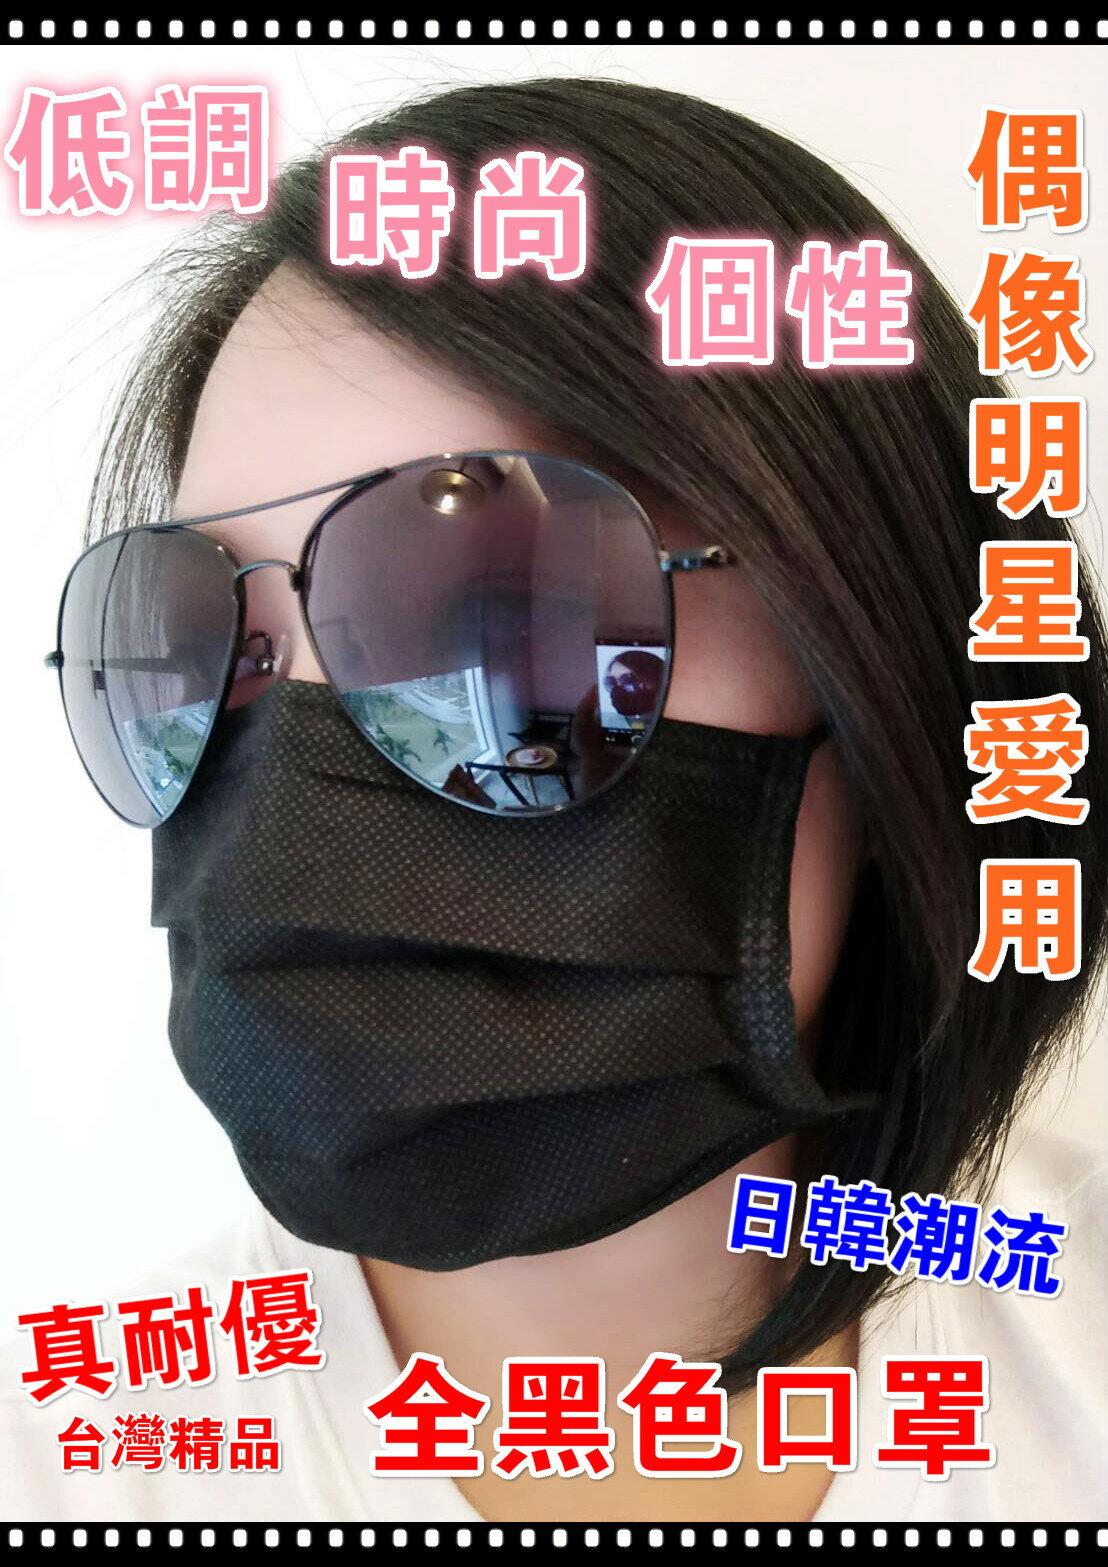 ❤含發票❤團購價❤台灣品牌❤全球明星愛用款-全黑色個性口罩30枚入(盒裝)◄三層不織布/面罩拋棄式口罩防曬衛生口罩防風防塵